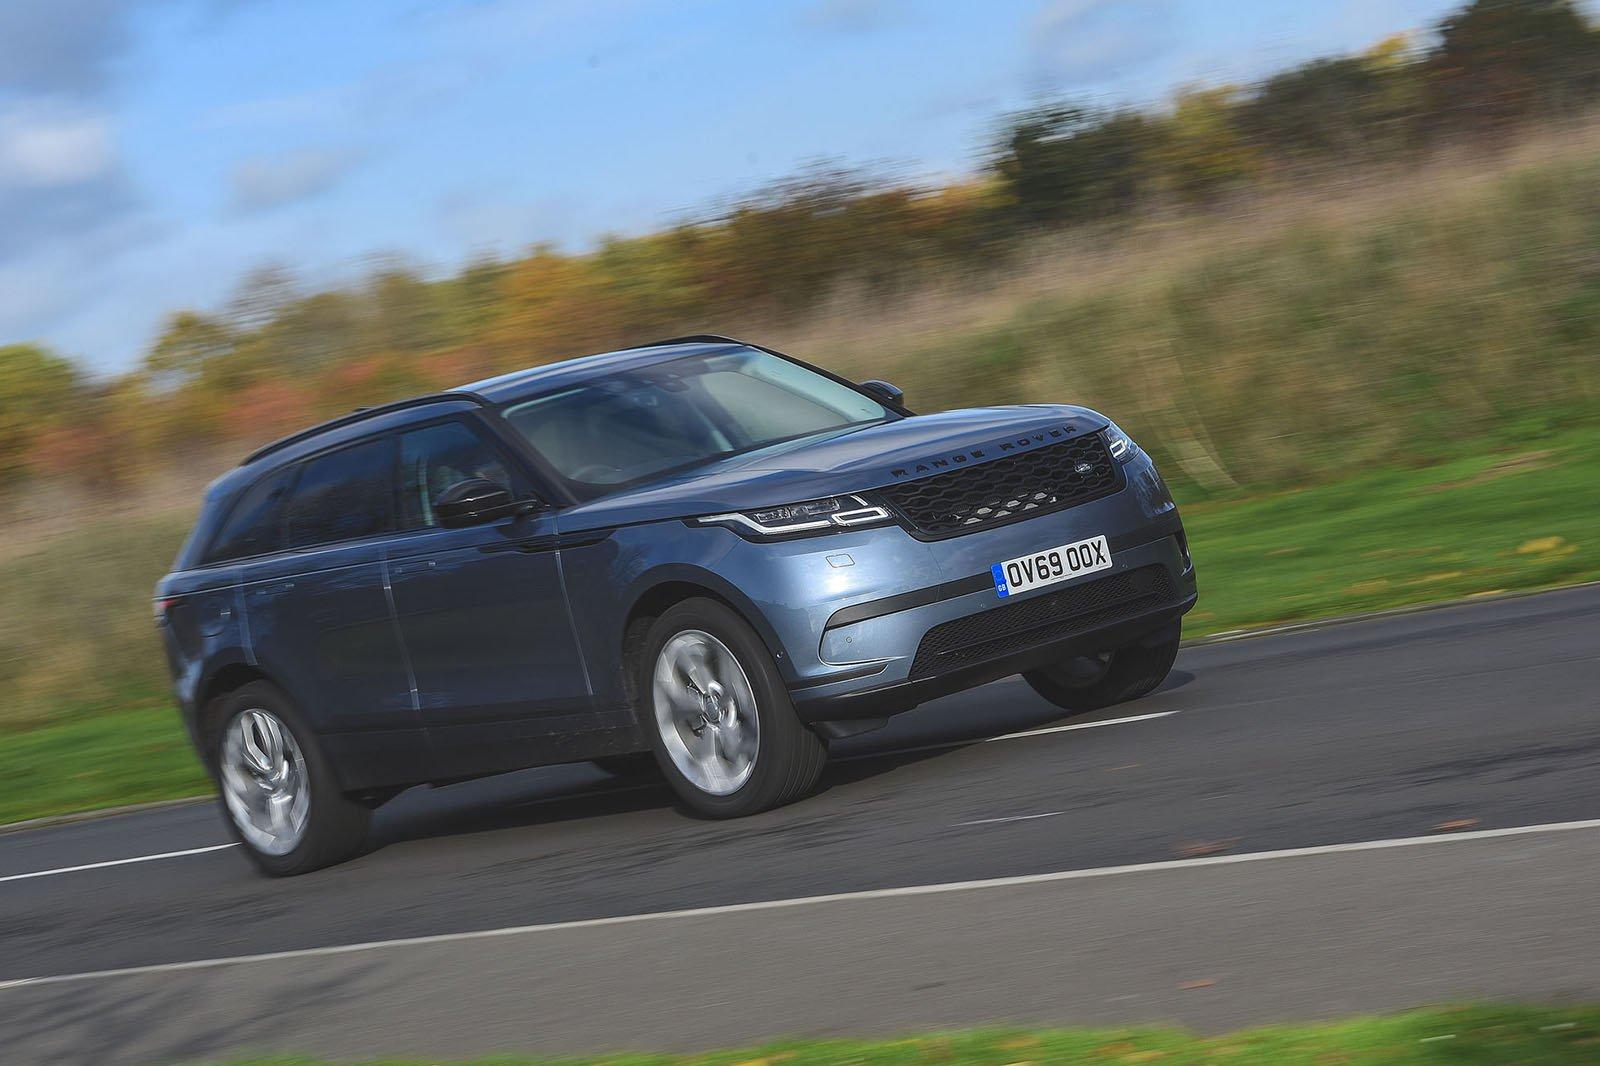 2019 Range Rover Velar D180 R-Dynamic SE front and side shot